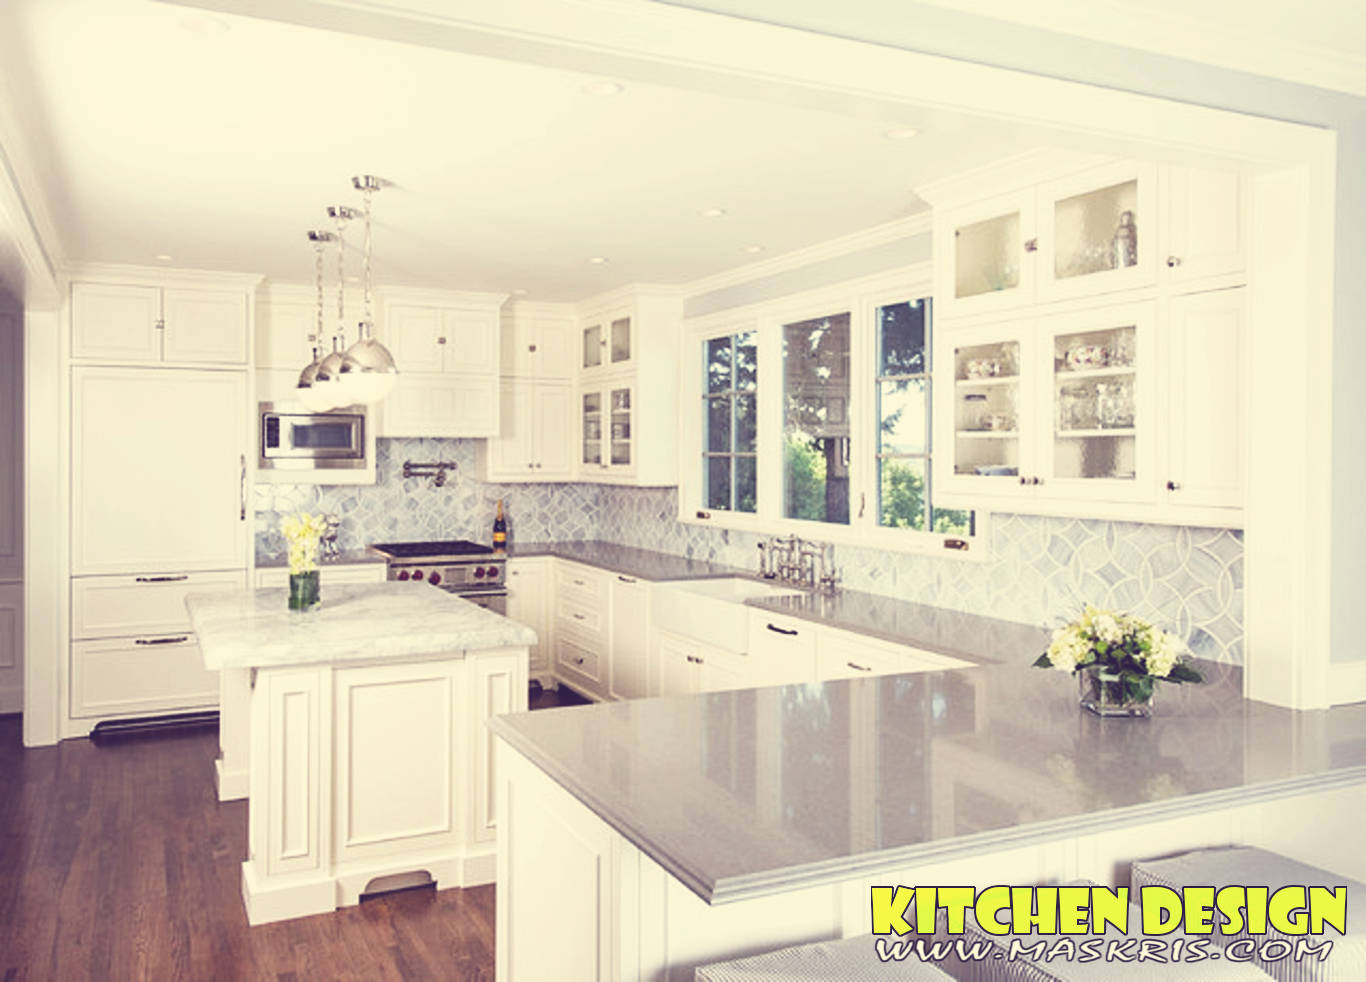 Timeless Kitchen Design Ideas kitchen remodeling ideas Timeless Kitchen Design